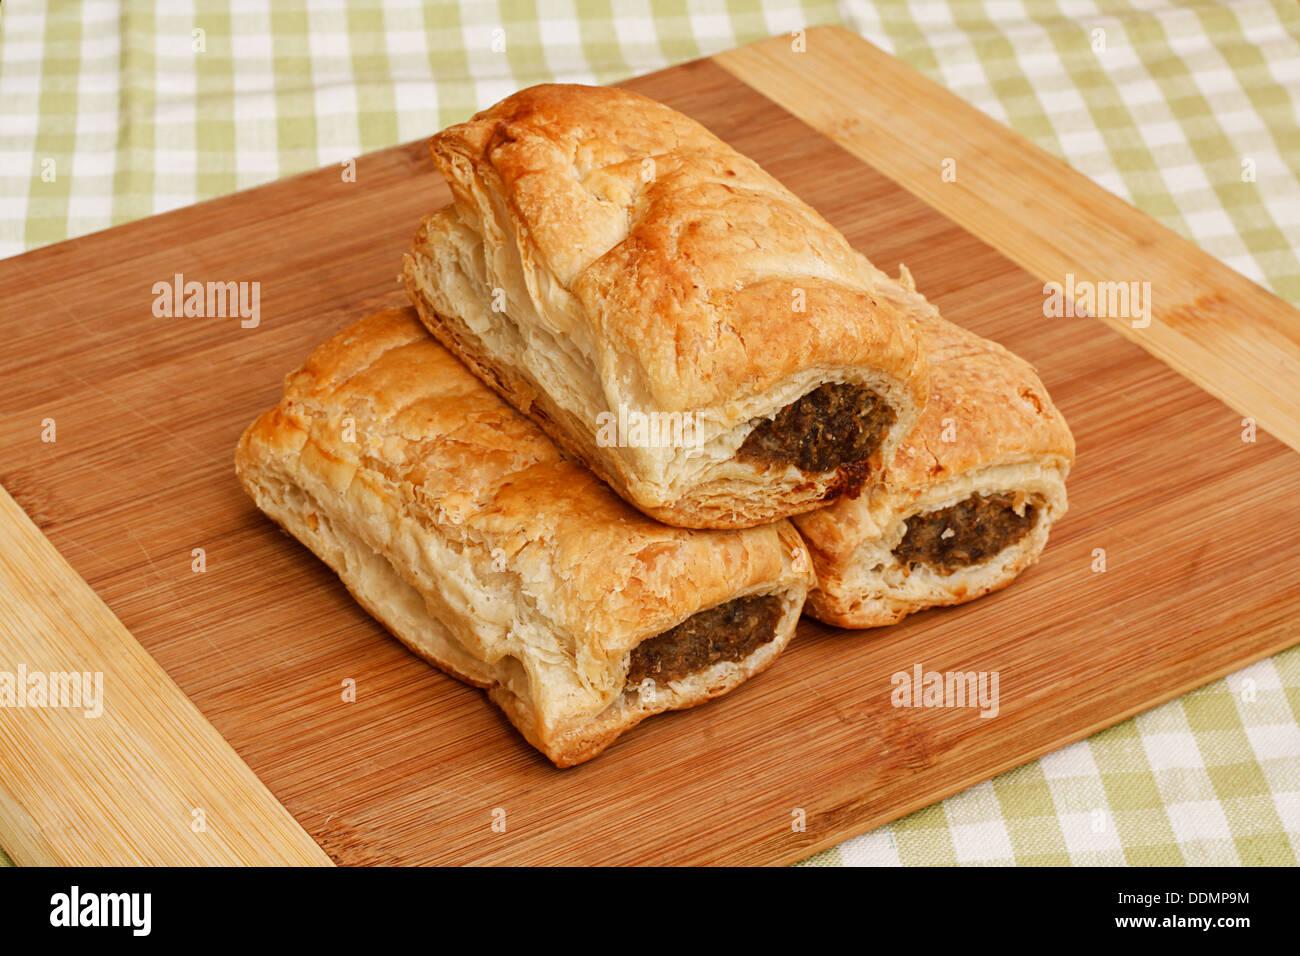 Drei traditionelle Wurst rollt auf eine rustikale Café Tischdekoration, ein beliebtes Gebäck Snack von britischen Bäcker Stockbild